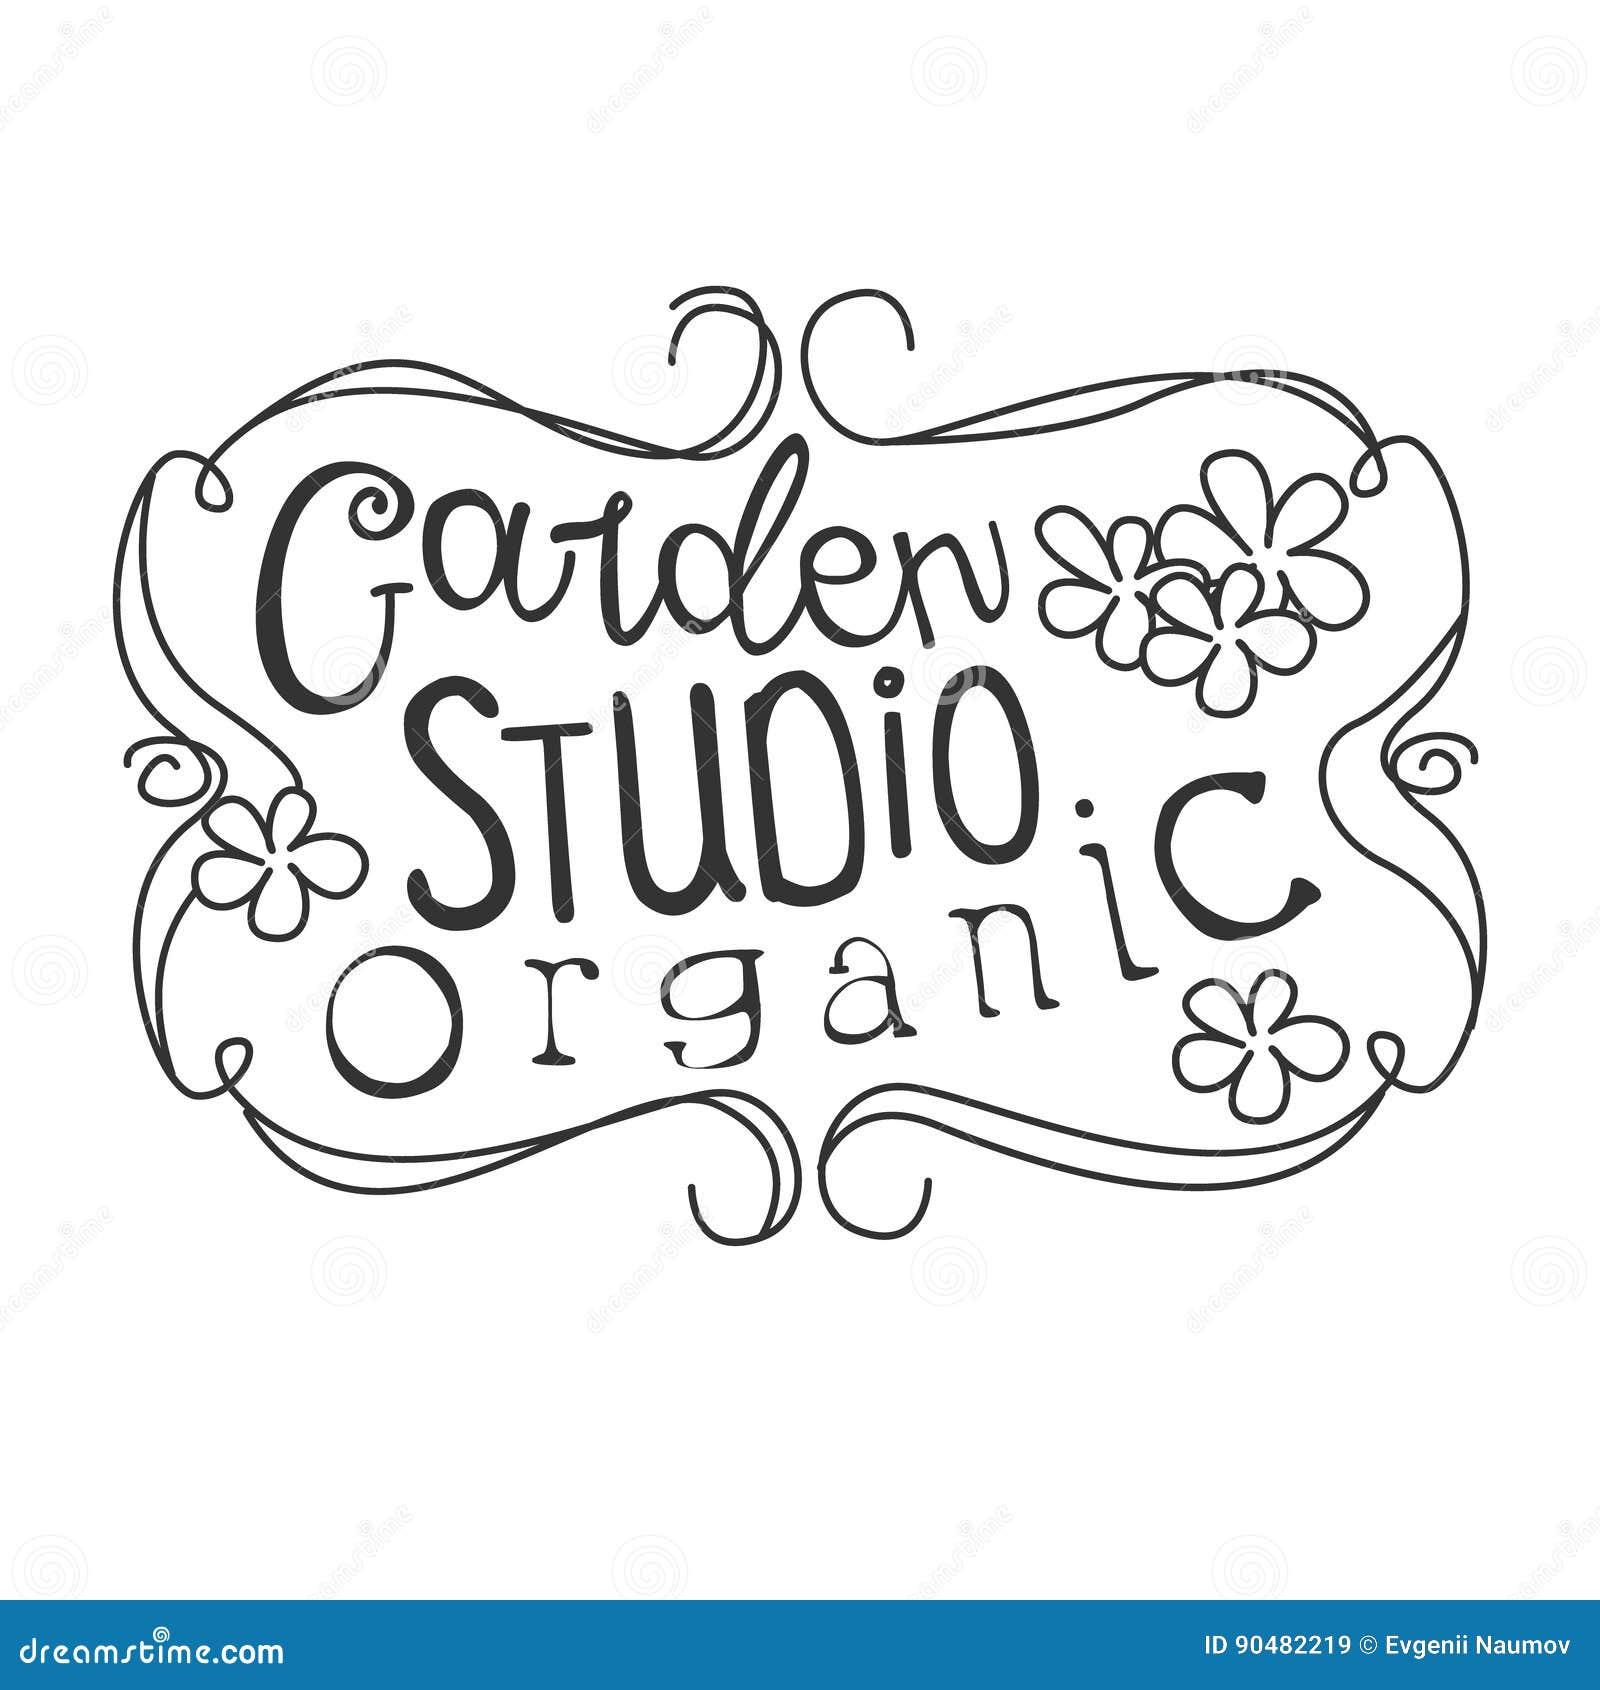 Calibre noir et blanc de conception de signe de promo de studio organique de jardin avec le texte calligraphique avec le cadre de